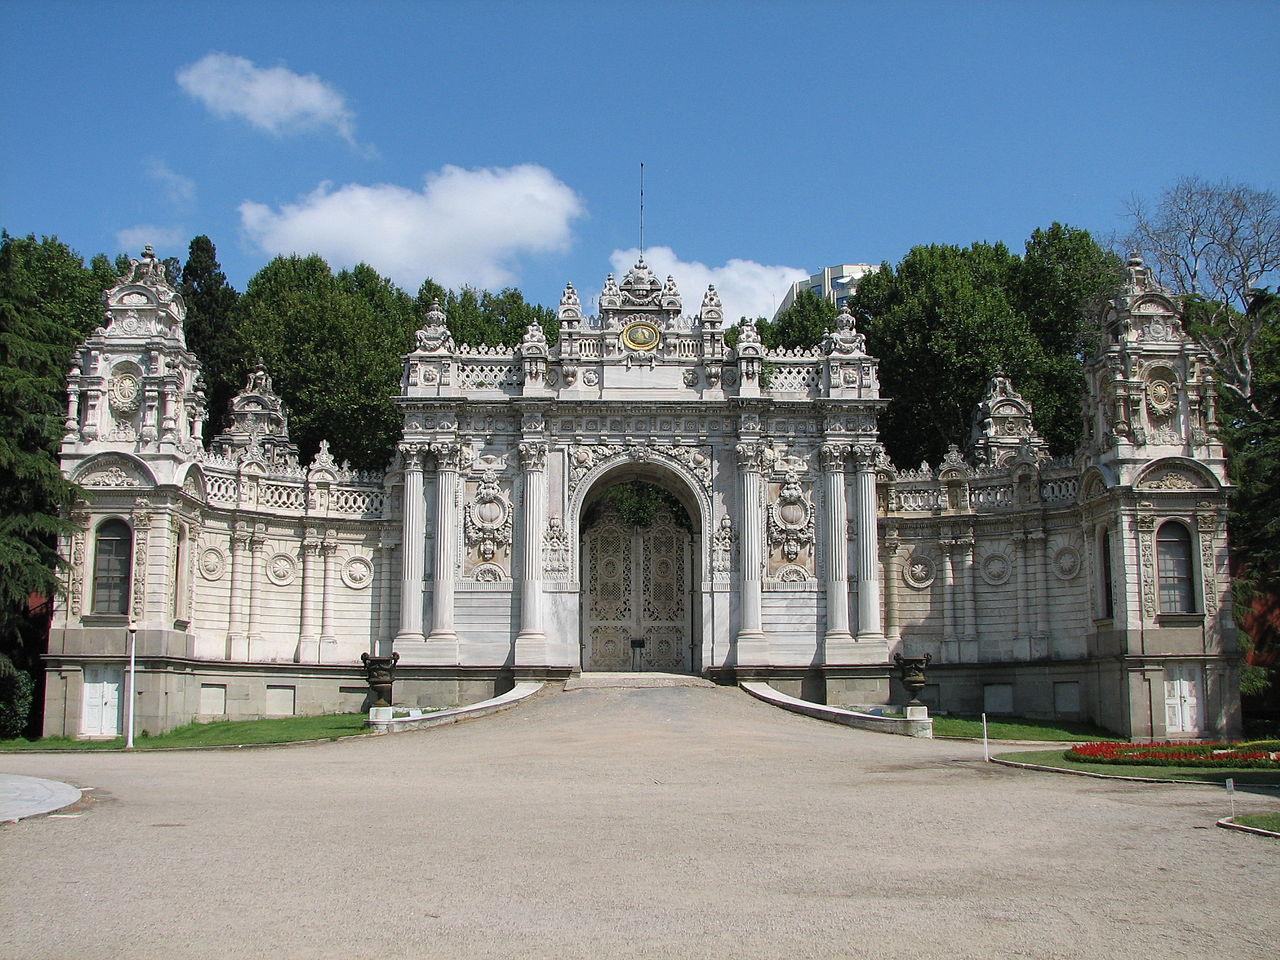 1280px-Dolmabahçe_Palace_Nothern_Gates_01.jpg